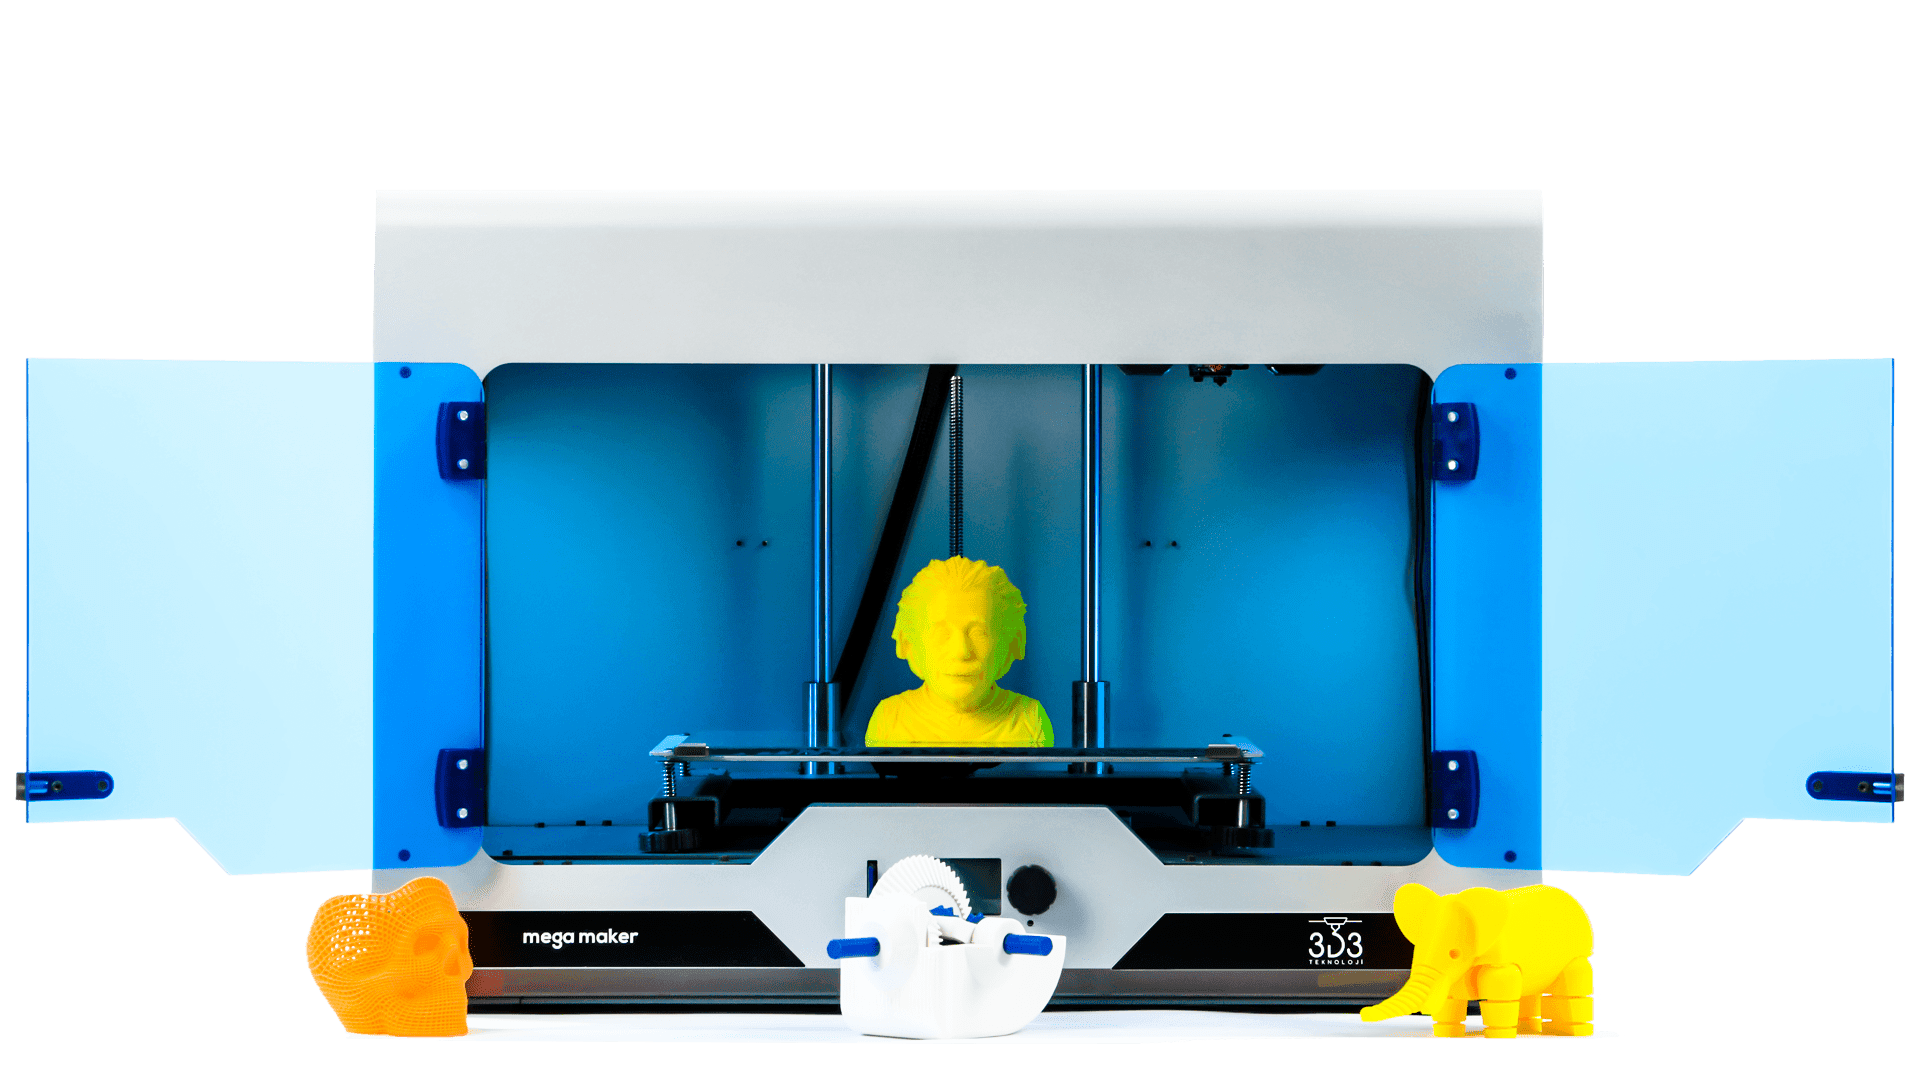 3d3 teknoloji'nin yerli üretim 3d yazıcı çözümü olan megamaker 3d printer 5